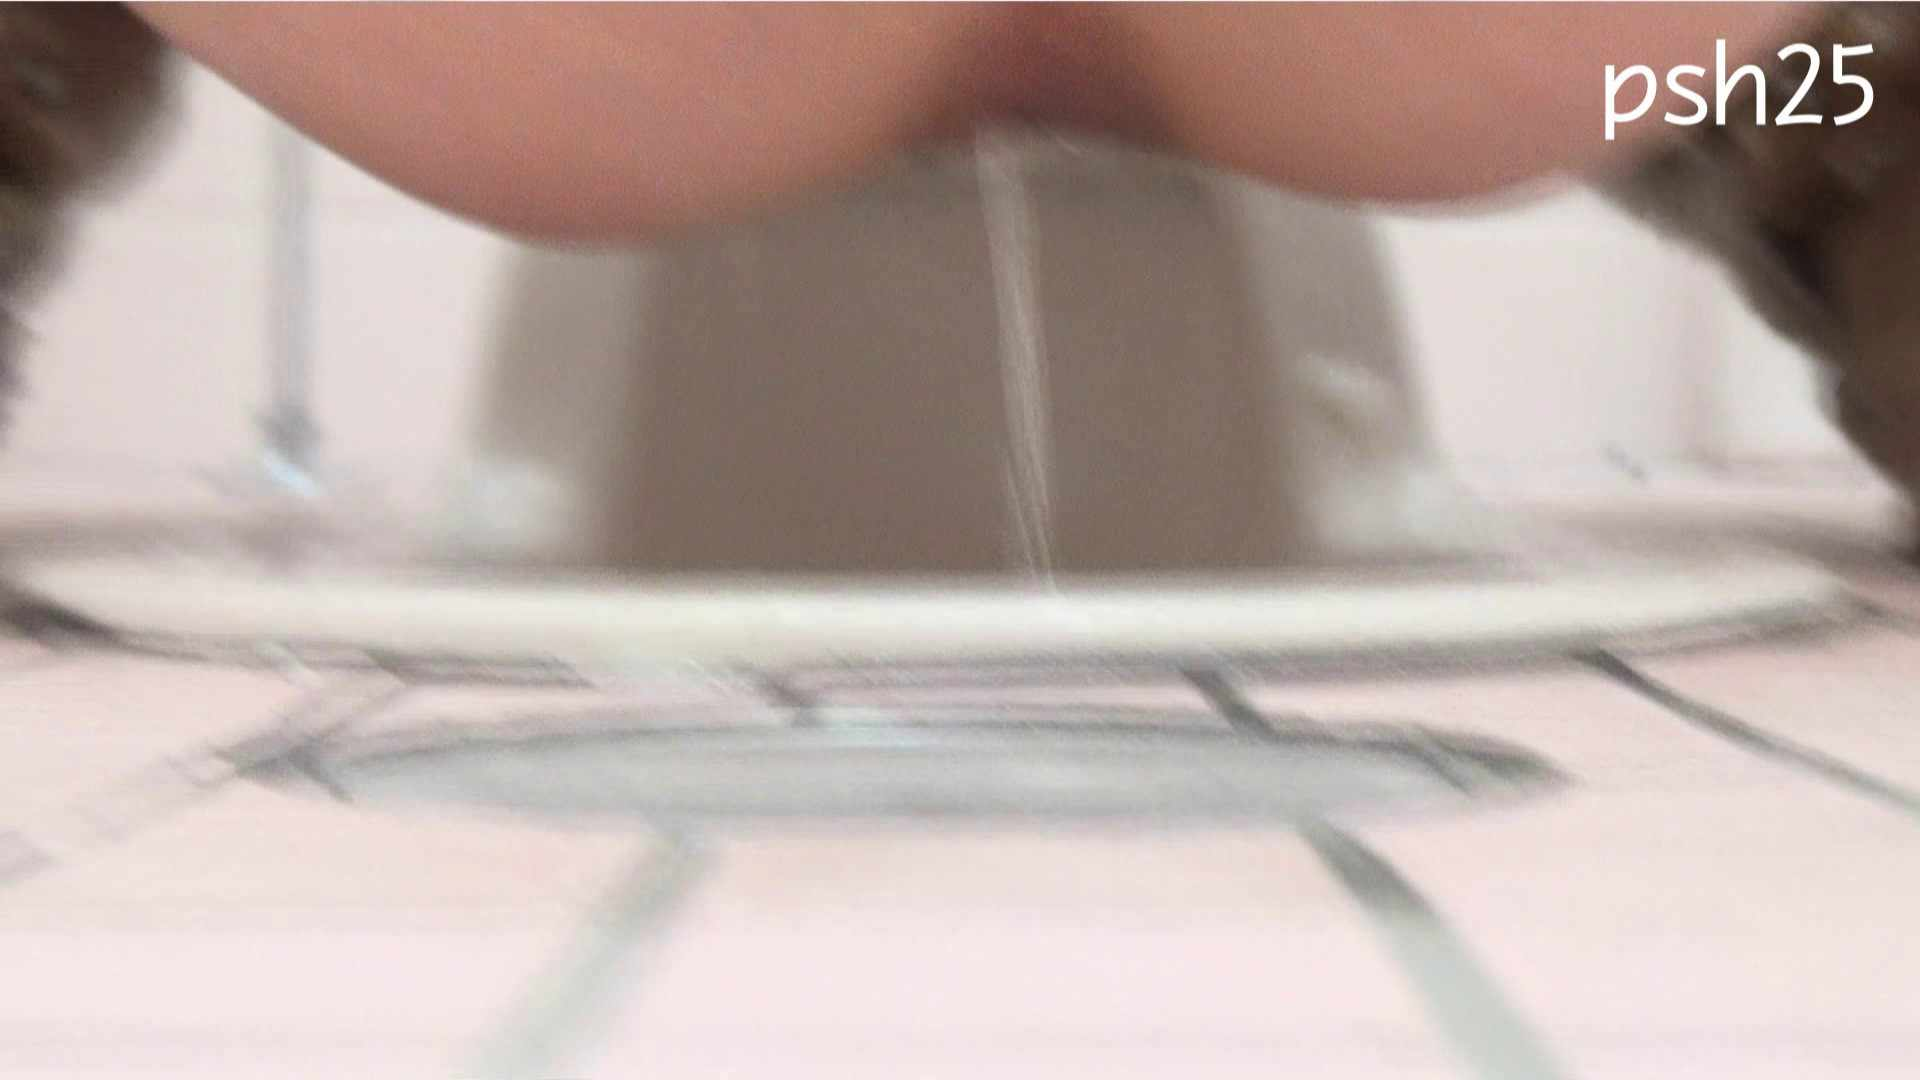 ▲復活限定▲ハイビジョン 盗神伝 Vol.25 女体盗撮 盗撮オマンコ無修正動画無料 71連発 14